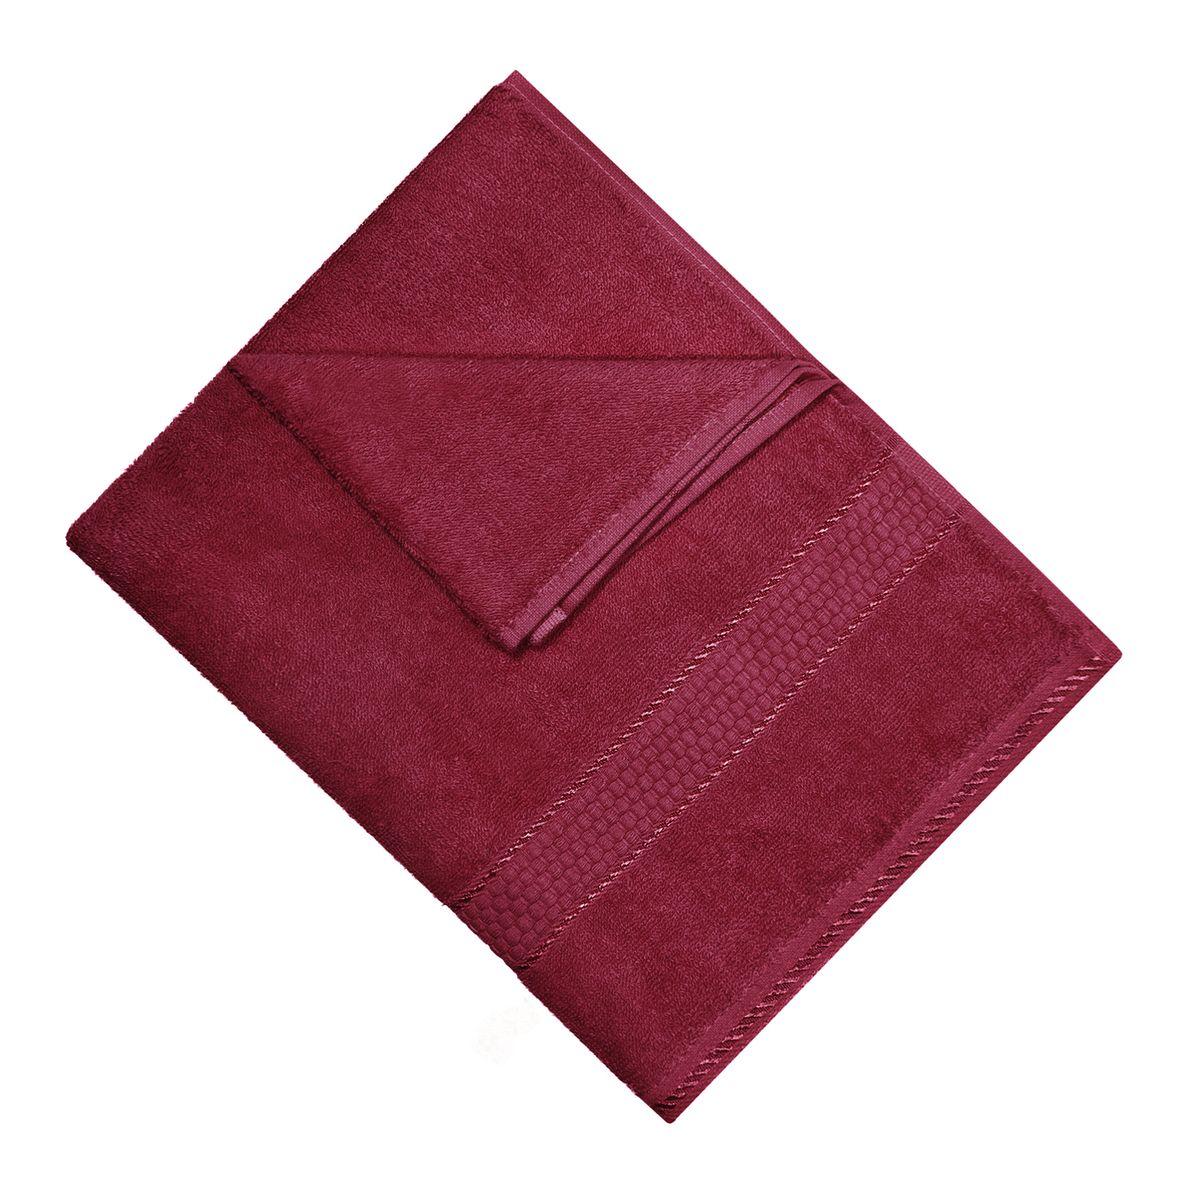 Полотенце махровое Osborn Textile, цвет: бордовый, 50 х 90 смУзТ-МПМ-004-01-18В состав полотенца Osborn Textile входит только натуральное волокно - хлопок. Лаконичные бордюры подойдут для любого интерьера ванной комнаты. Полотенце прекрасно впитывает влагу и быстро сохнет. При соблюдении рекомендаций по уходу не линяет и не теряет форму даже после многократных стирок. Плотность: 450 г/м2.